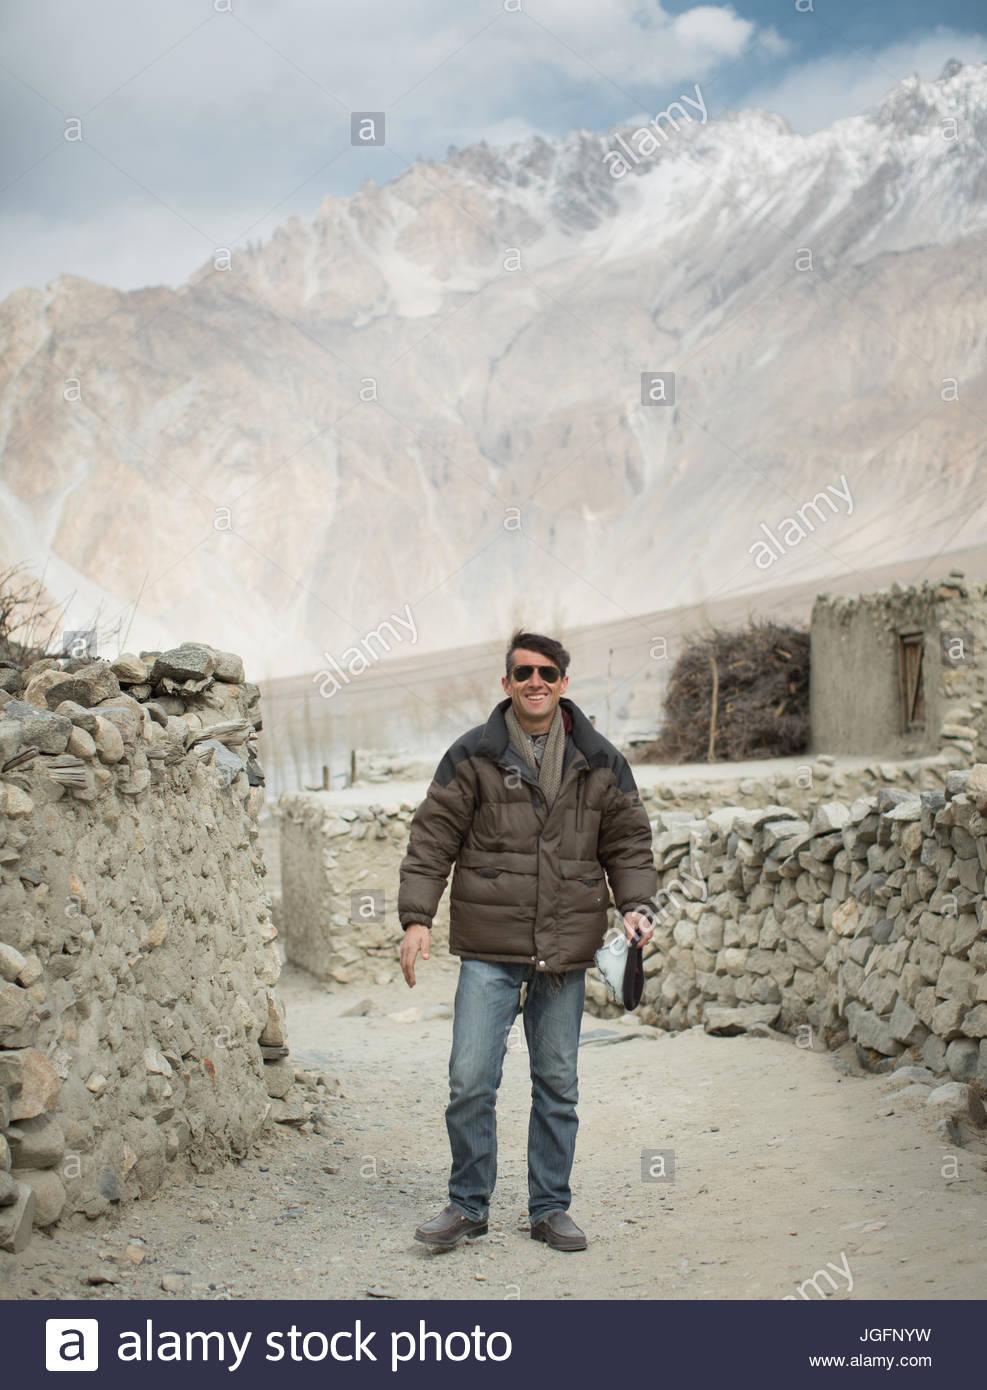 The progressive Islamic religious leader of Hussaini village in the Hunza region. - Stock Image